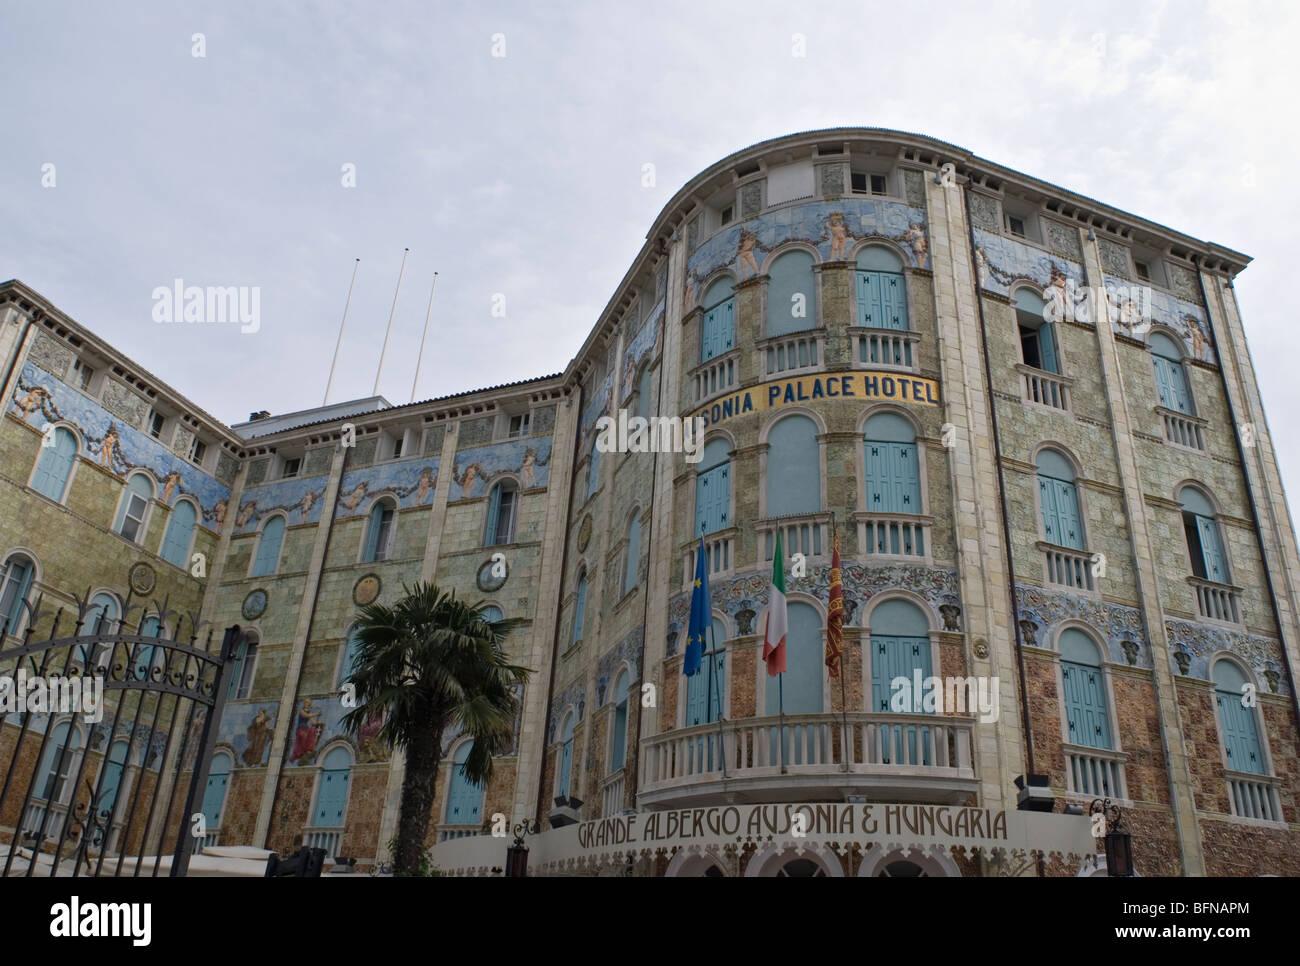 Lo stile liberty Ausonia Palace Hotel - Lido di Venezia - Venezia - Italia Immagini Stock